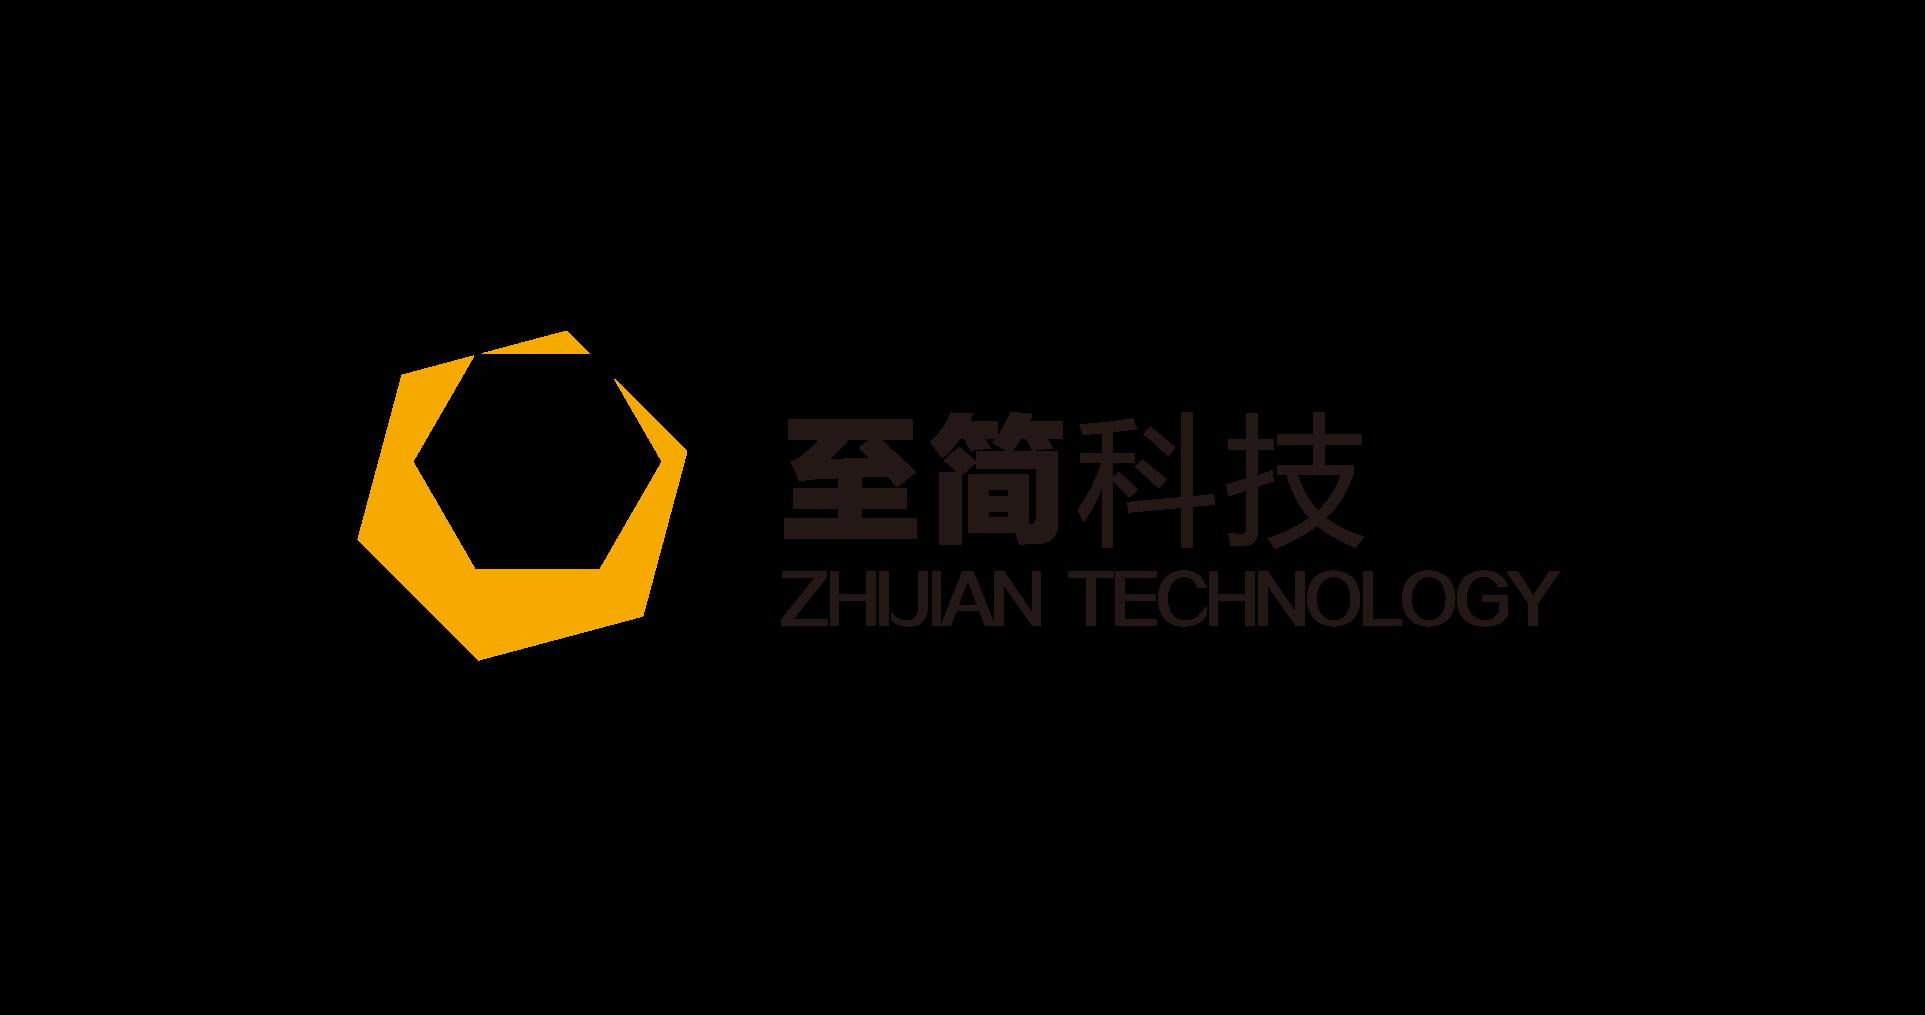 杭州至简科技有限公司